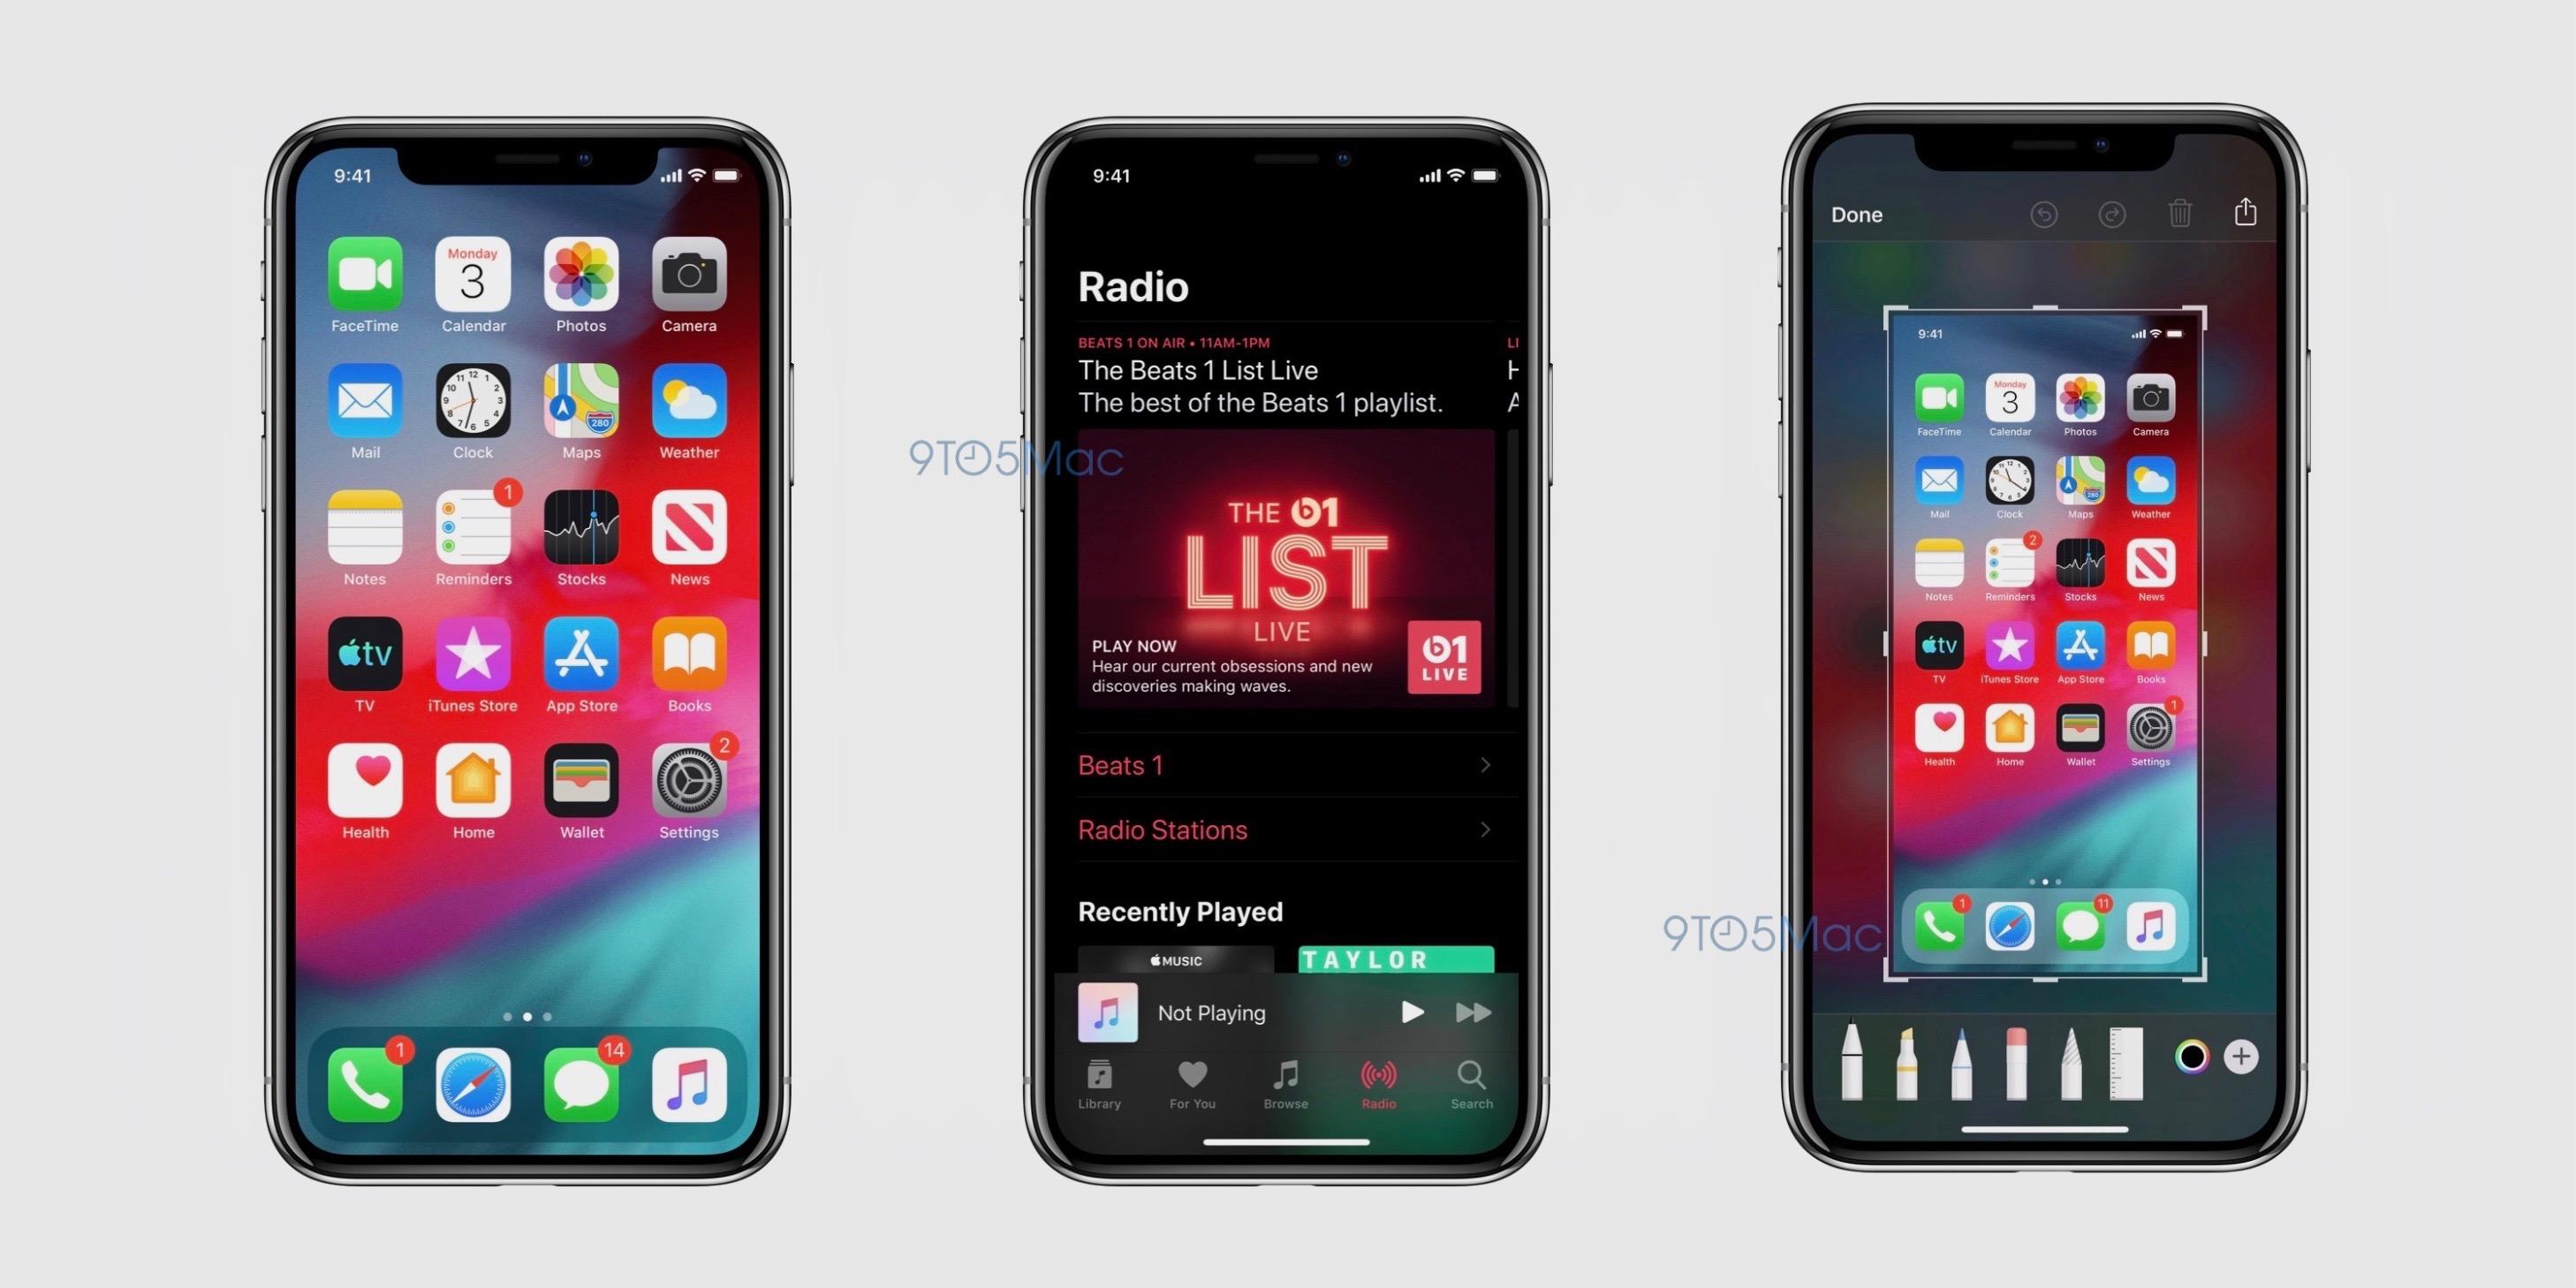 「iOS 13」のスクショが流出、さらなる新機能と変更点が明らかに